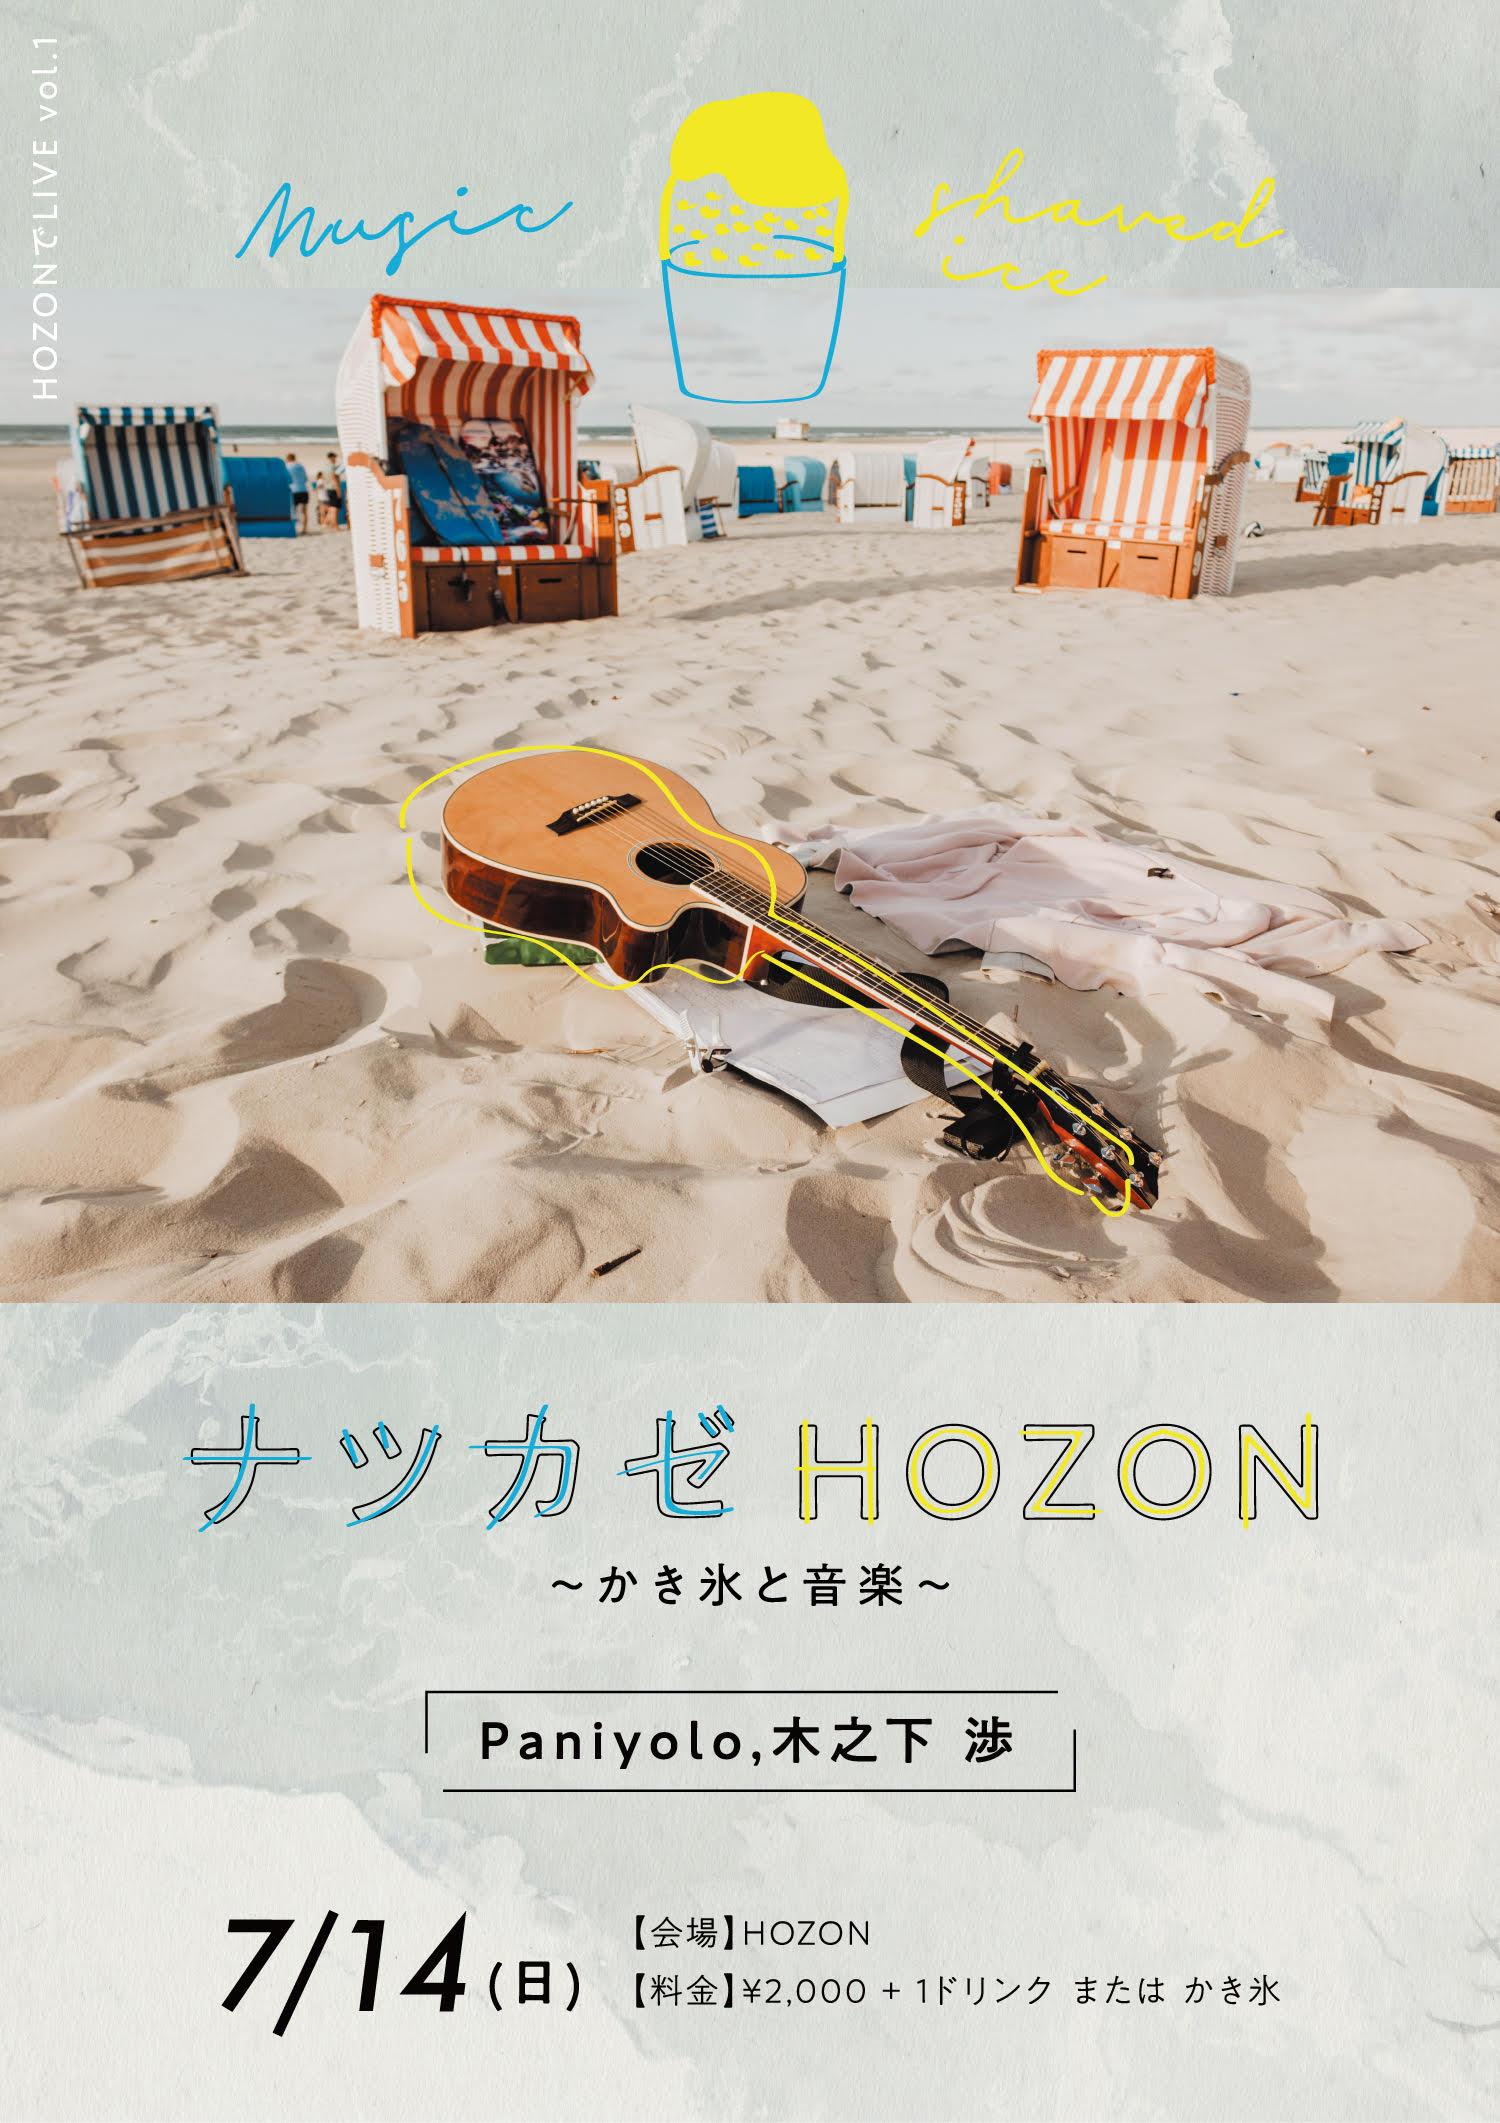 ナツカゼHOZON 〜かき氷と音楽〜